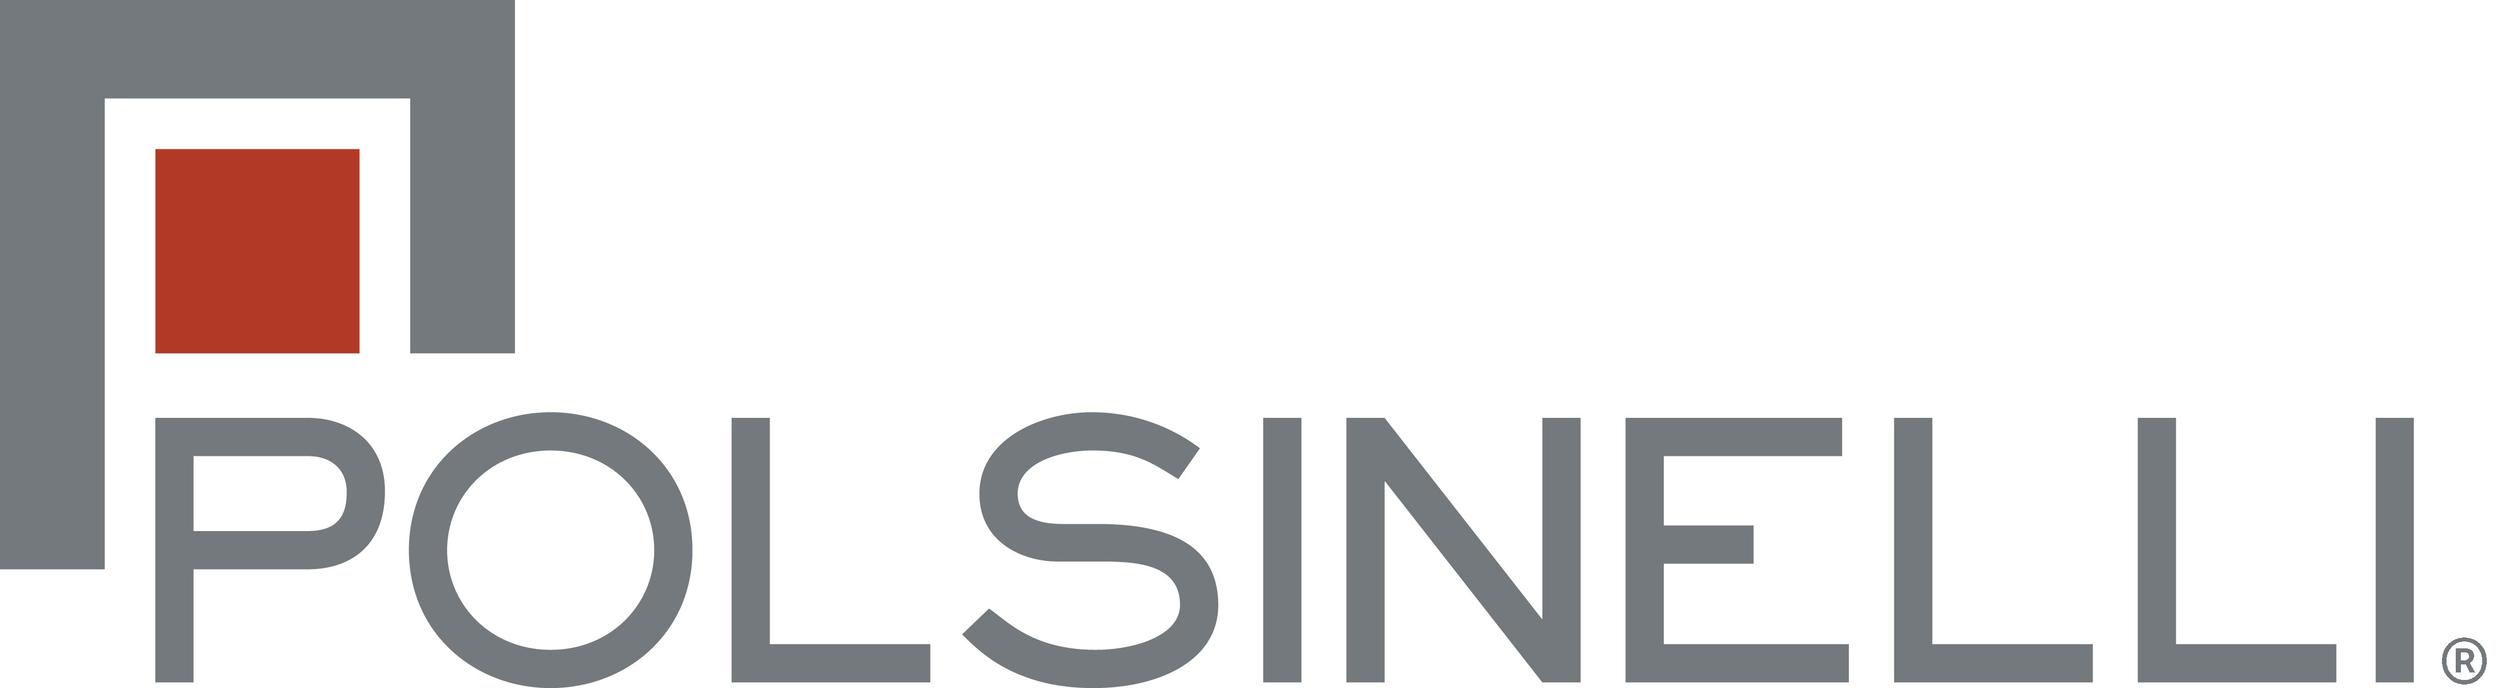 Polsinelli_Color_logo.png